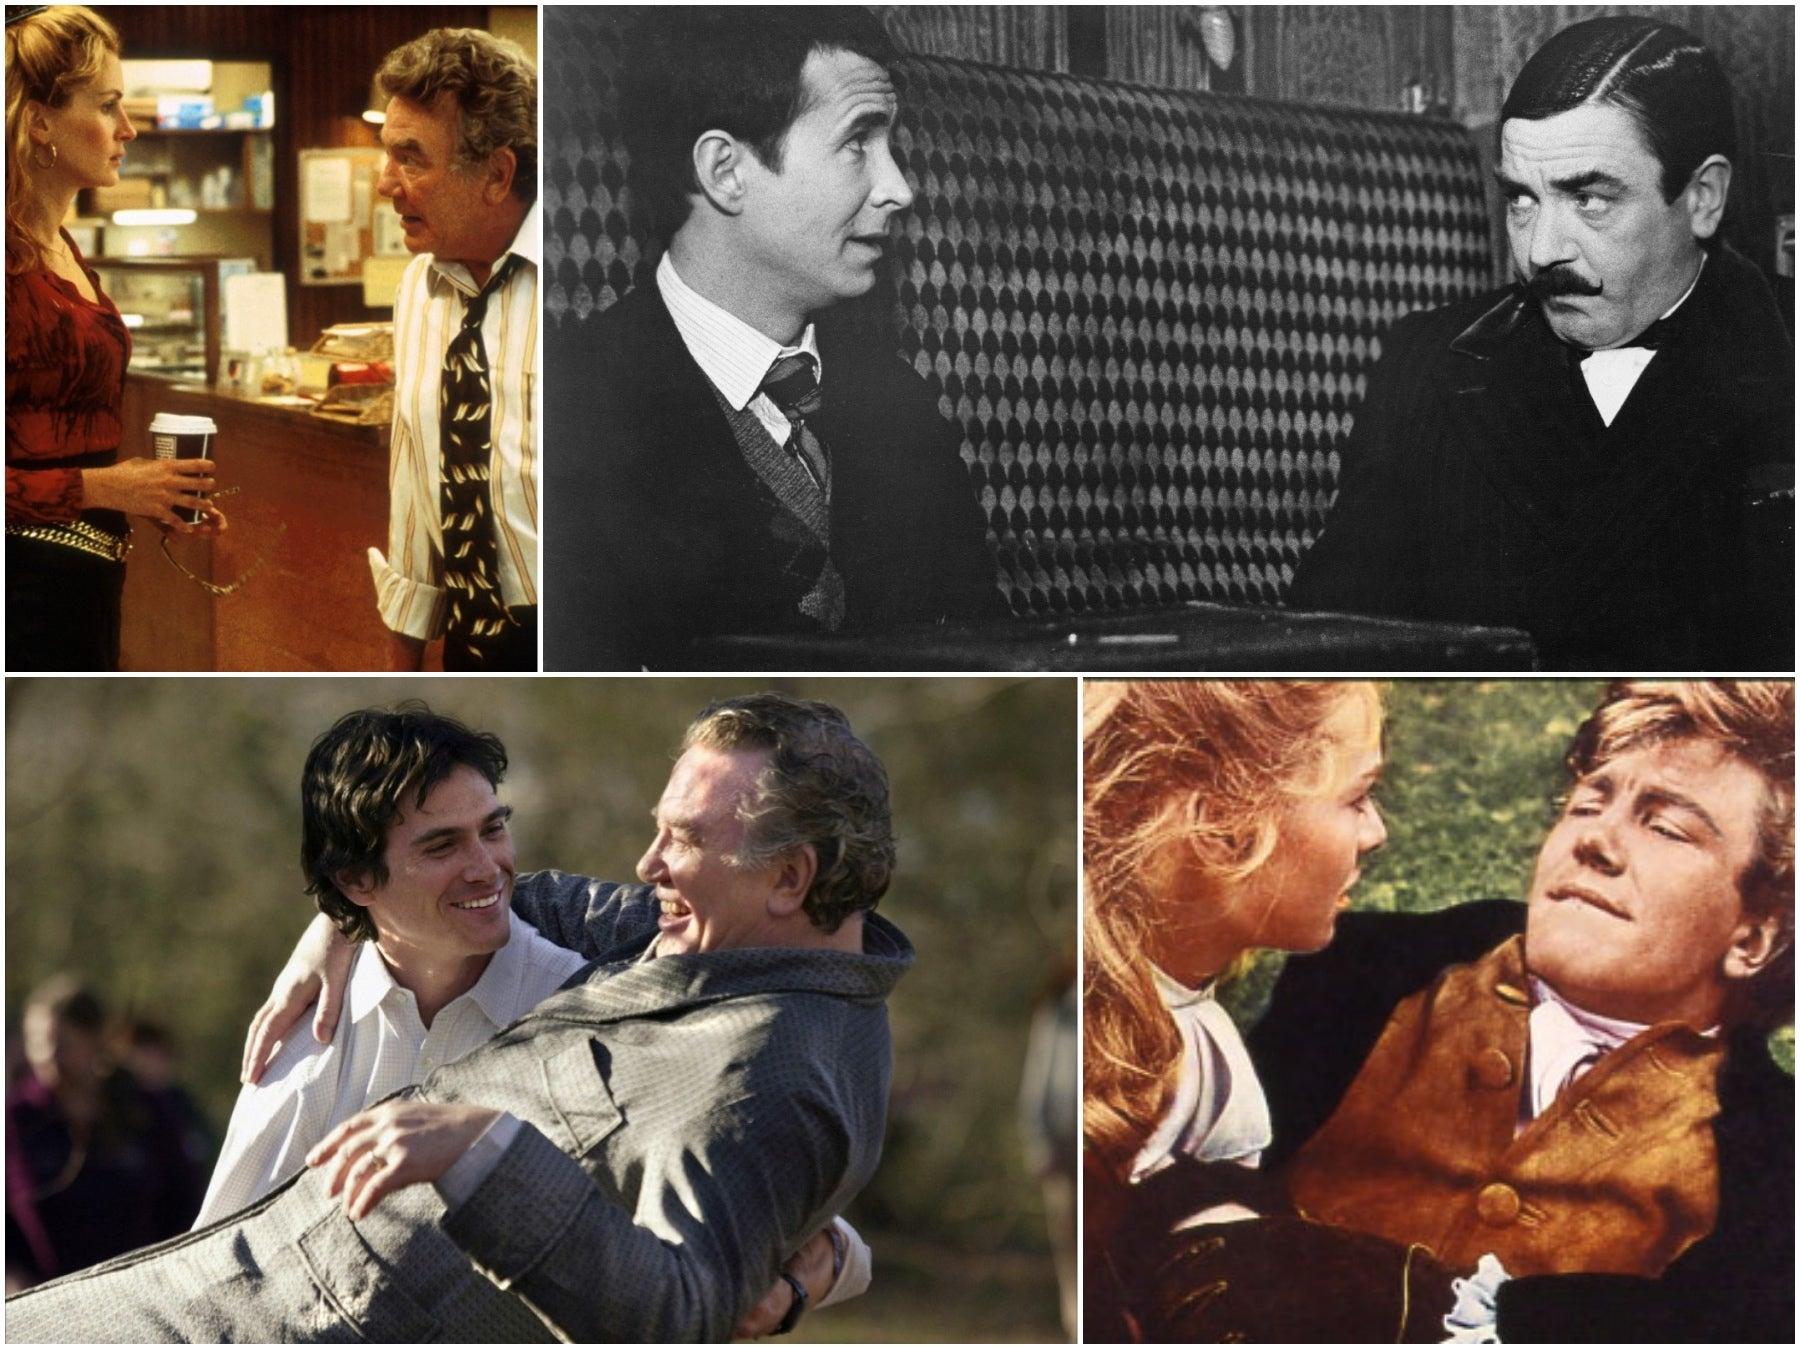 Films starring Albert Finney